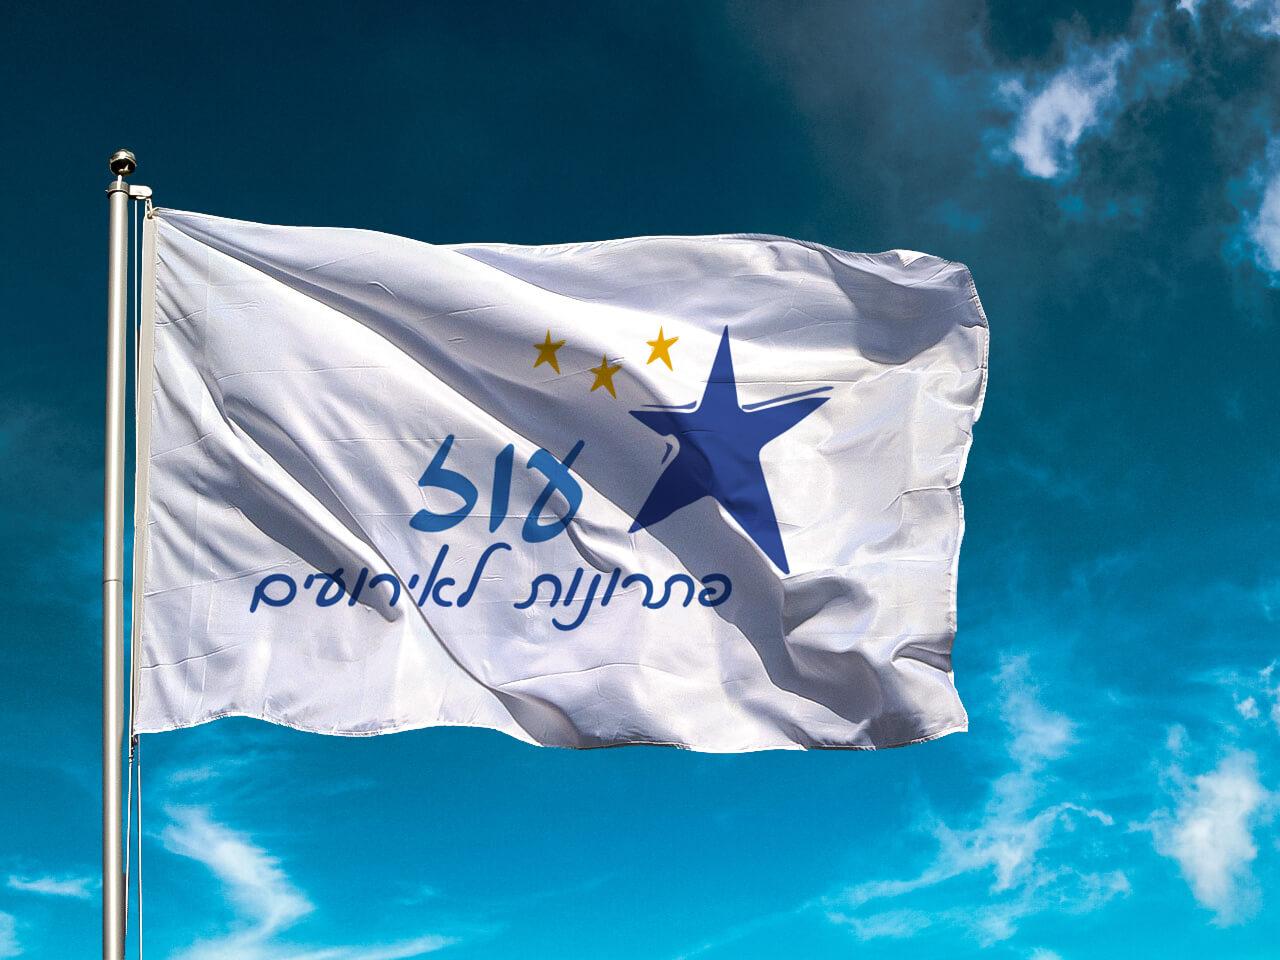 דגל לוגו בהתאמה אישית 150*110 - תמונה 1